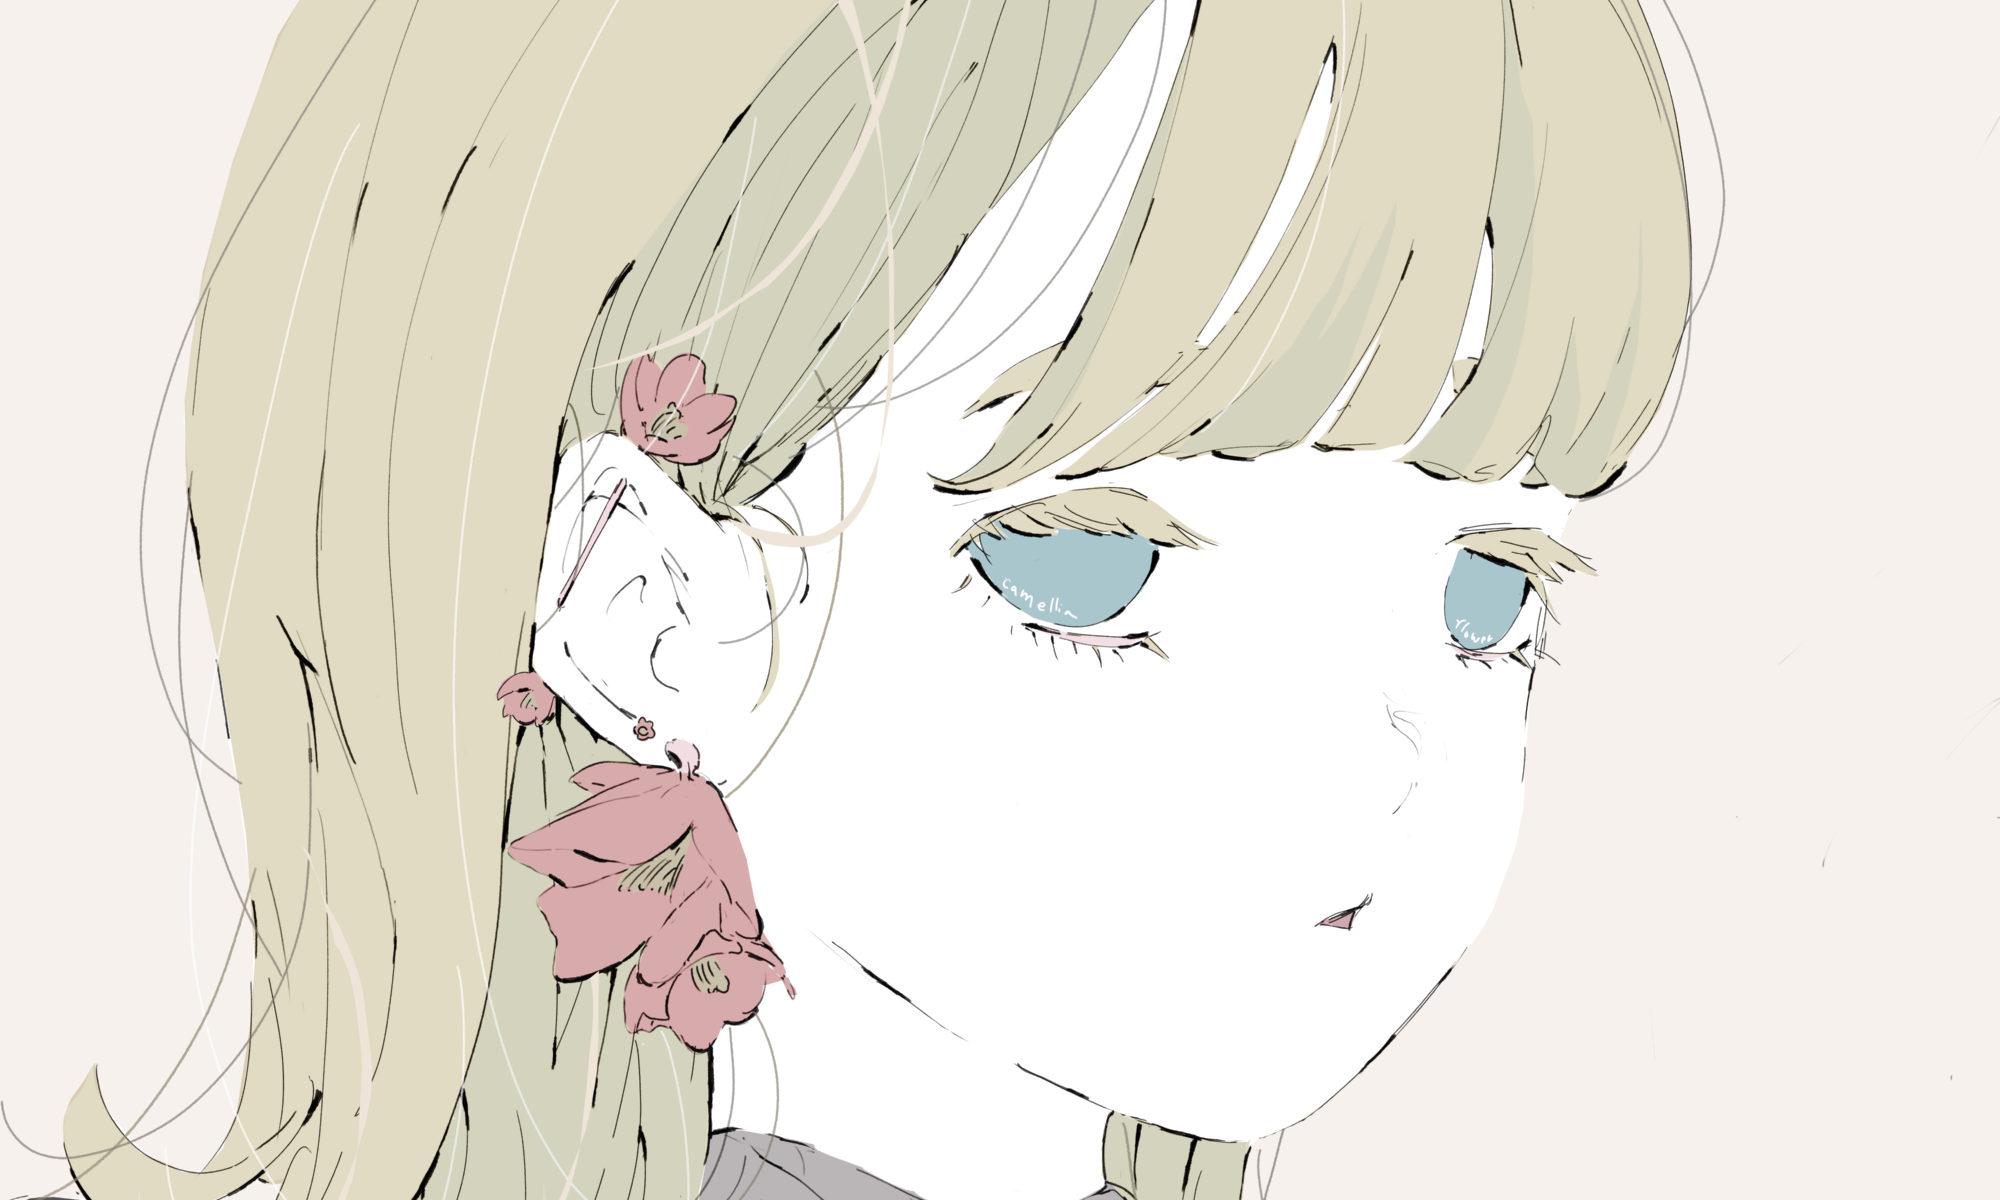 椿の花のピアスの金髪の女の子のイラスト